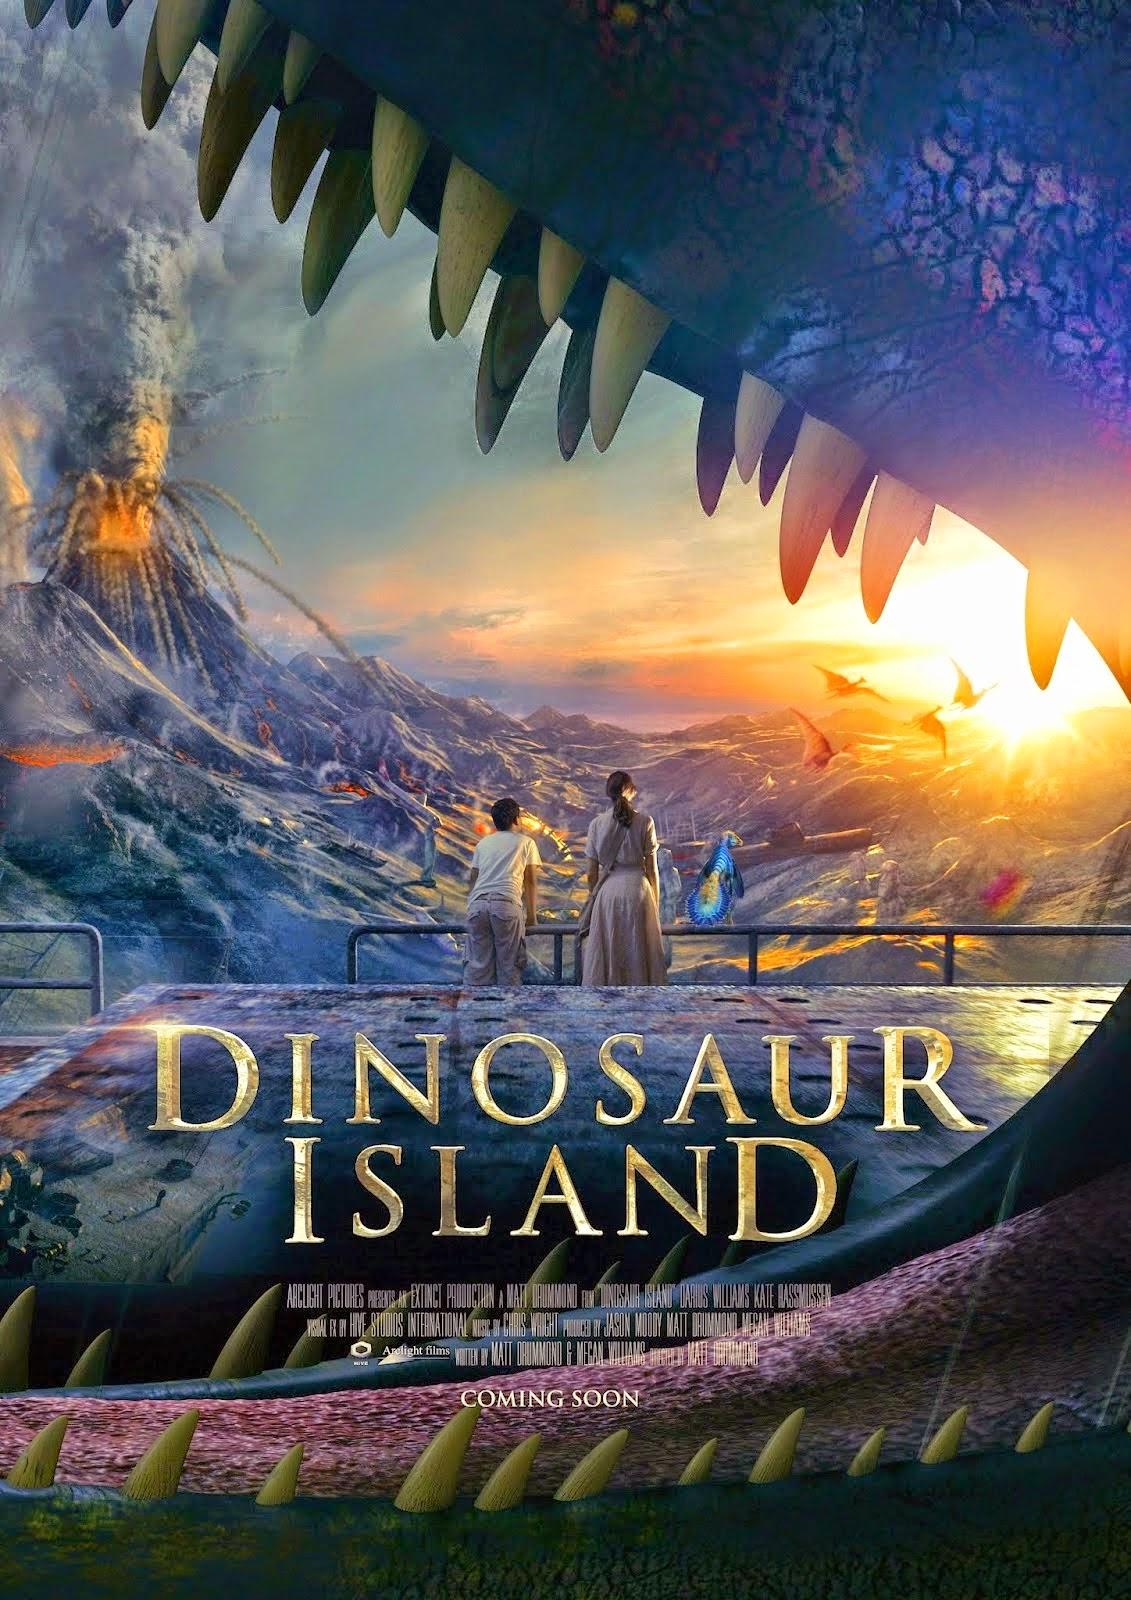 დინოზავრების კუნძული (ქართულად) - Dinosaur Island (2014)